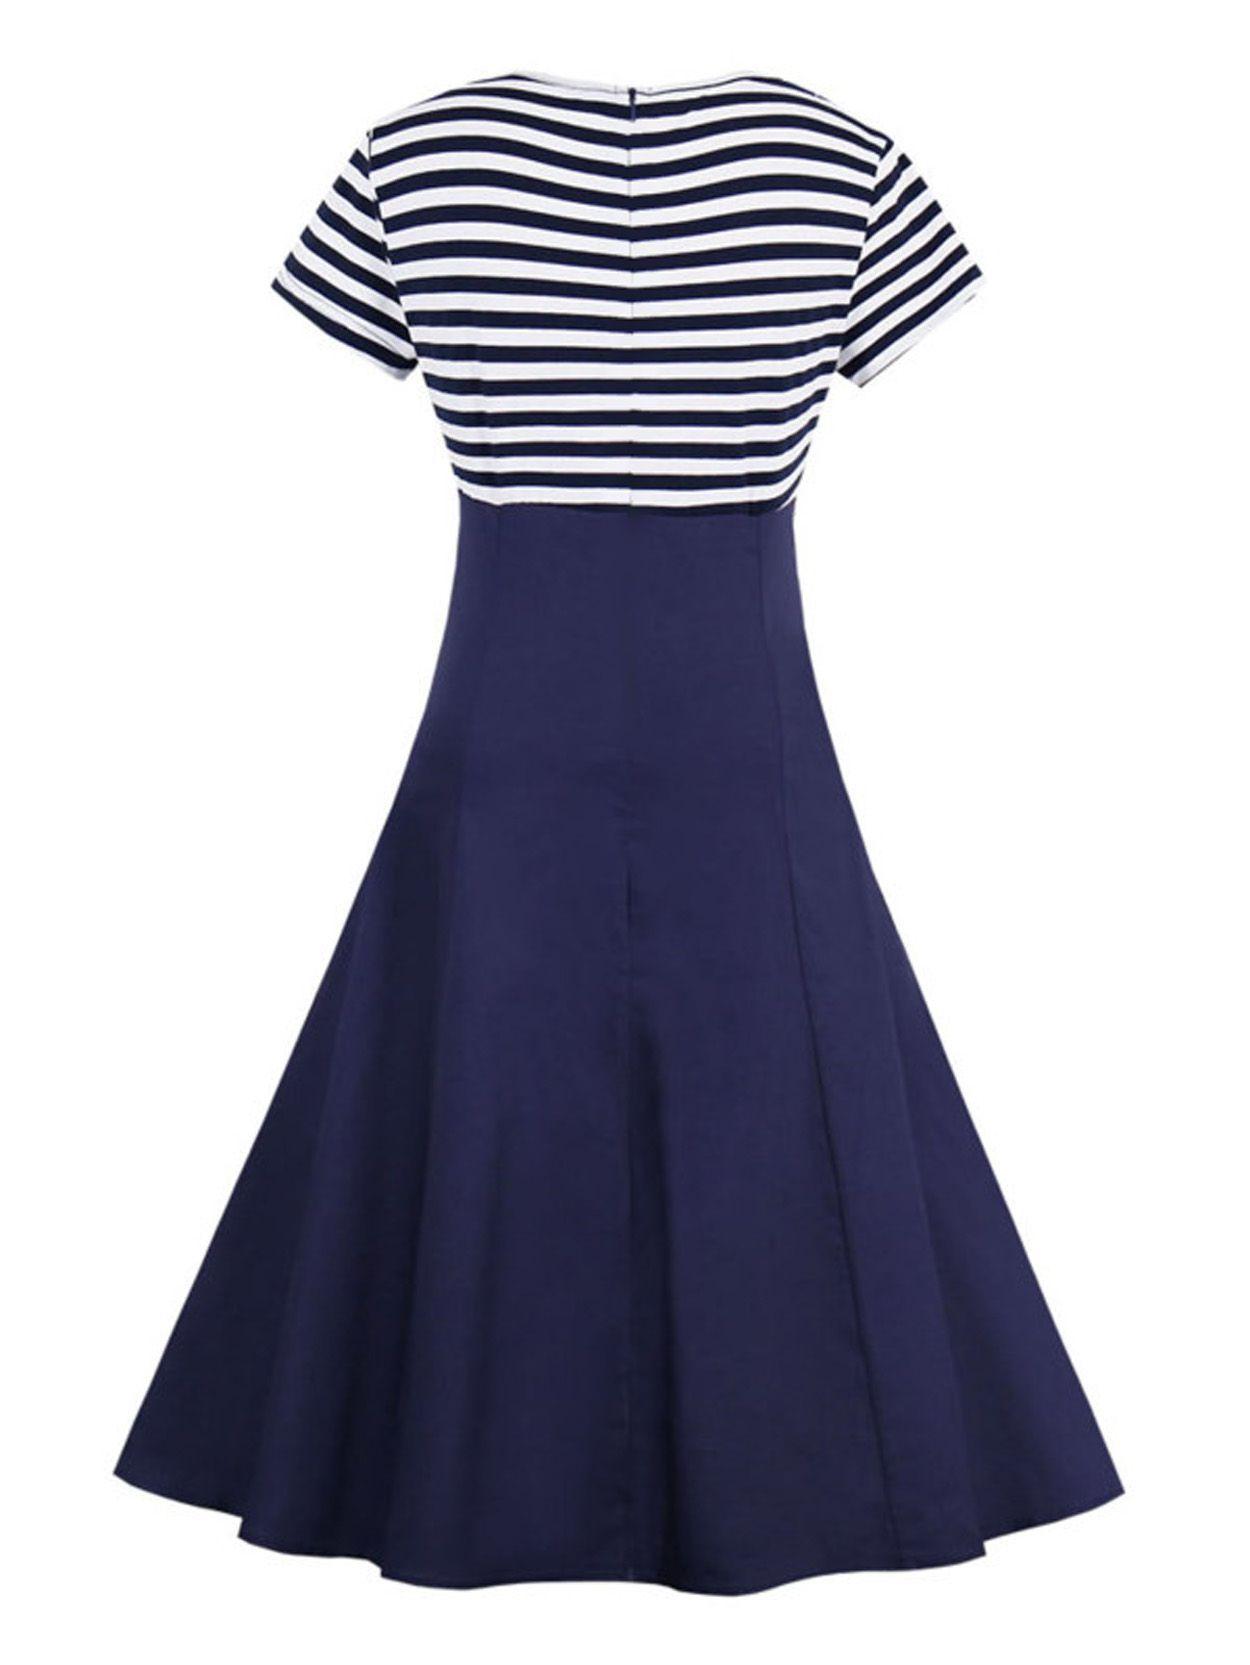 ea72c77e1 AD   AV Girls Blue Stripe Collar Partywear Frock Dress for Girl ...